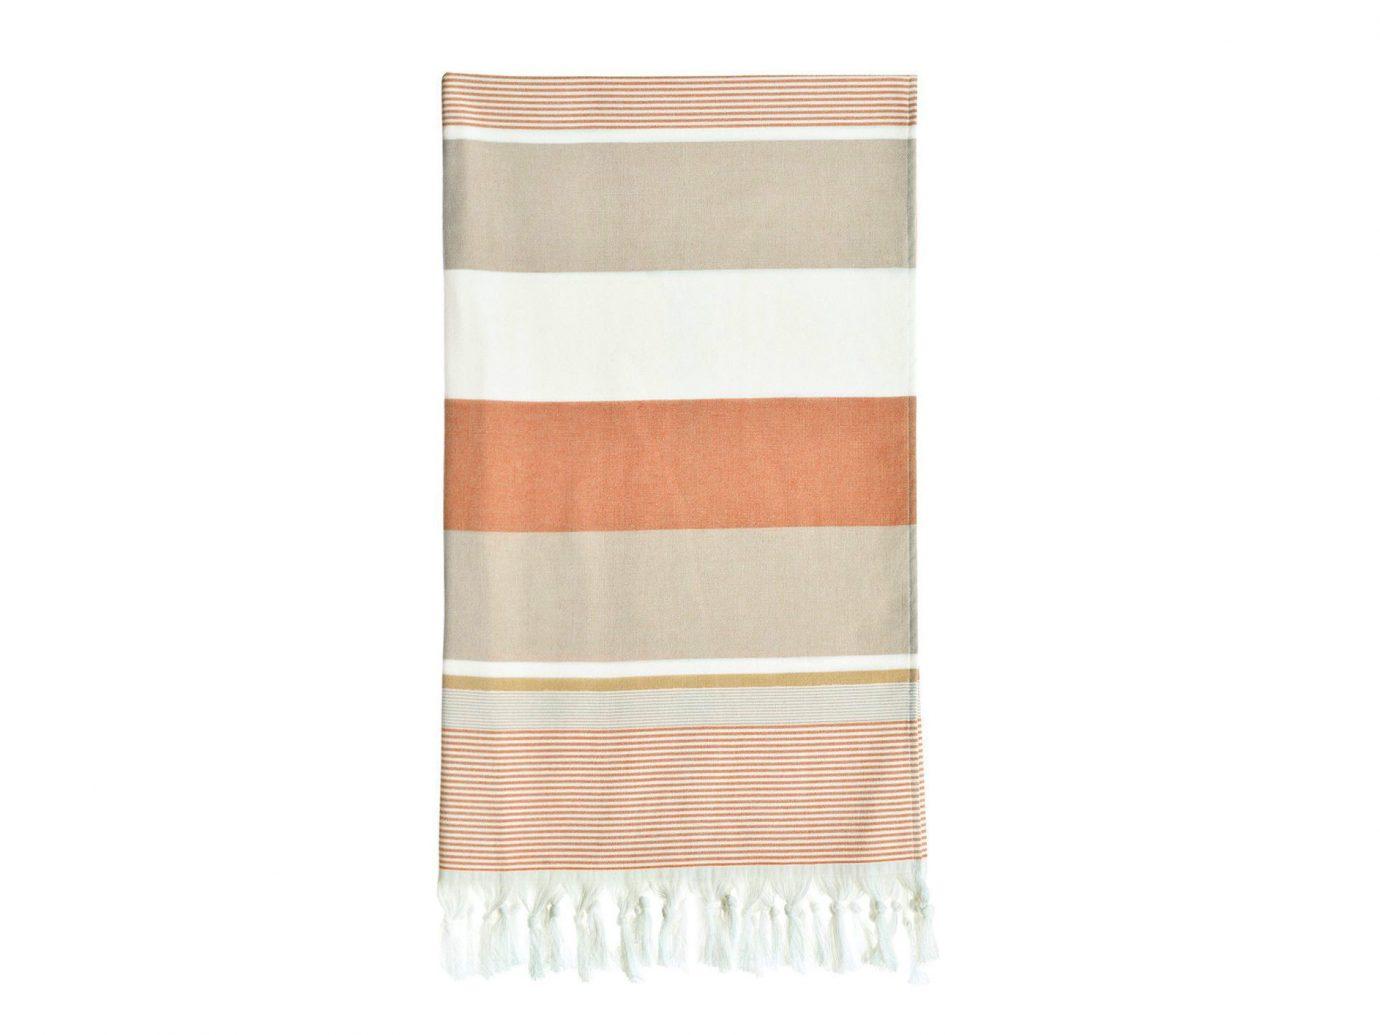 City Copenhagen Kyoto Marrakech Palm Springs Style + Design Travel Shop Tulum textile peach beige linens rectangle